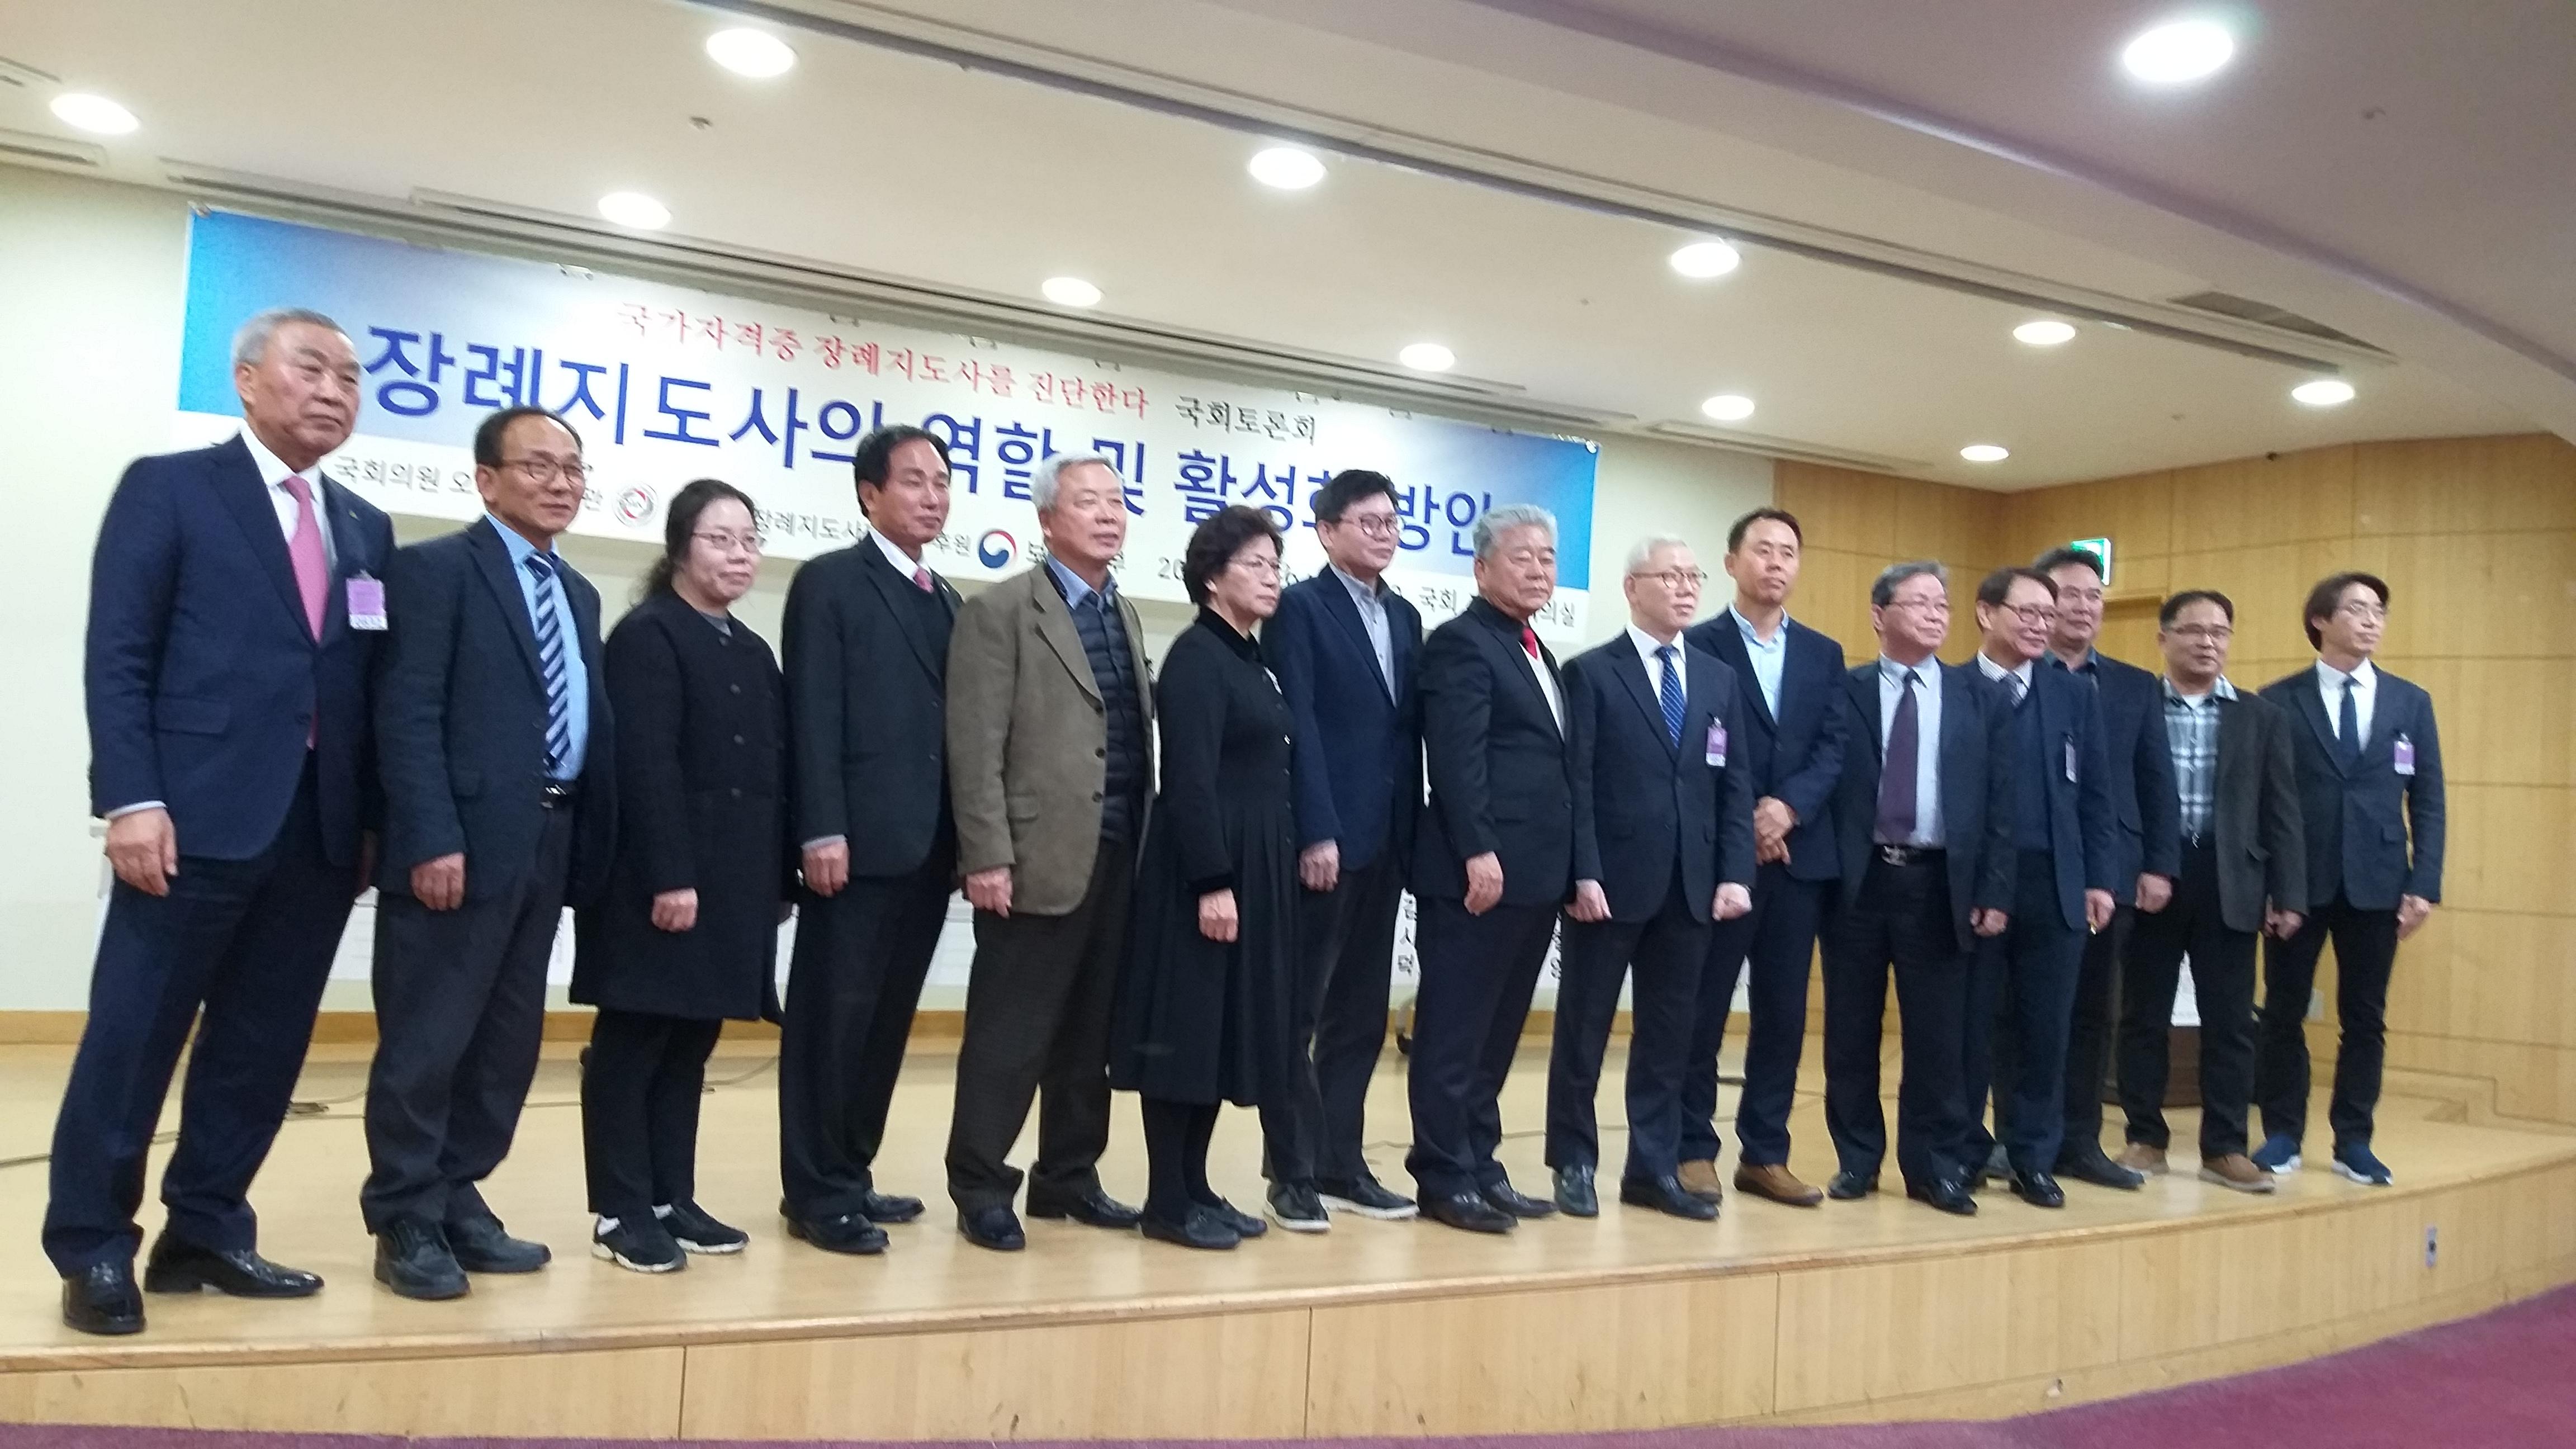 장례지도사의 역할 및 활성화 방안 국회 토론회